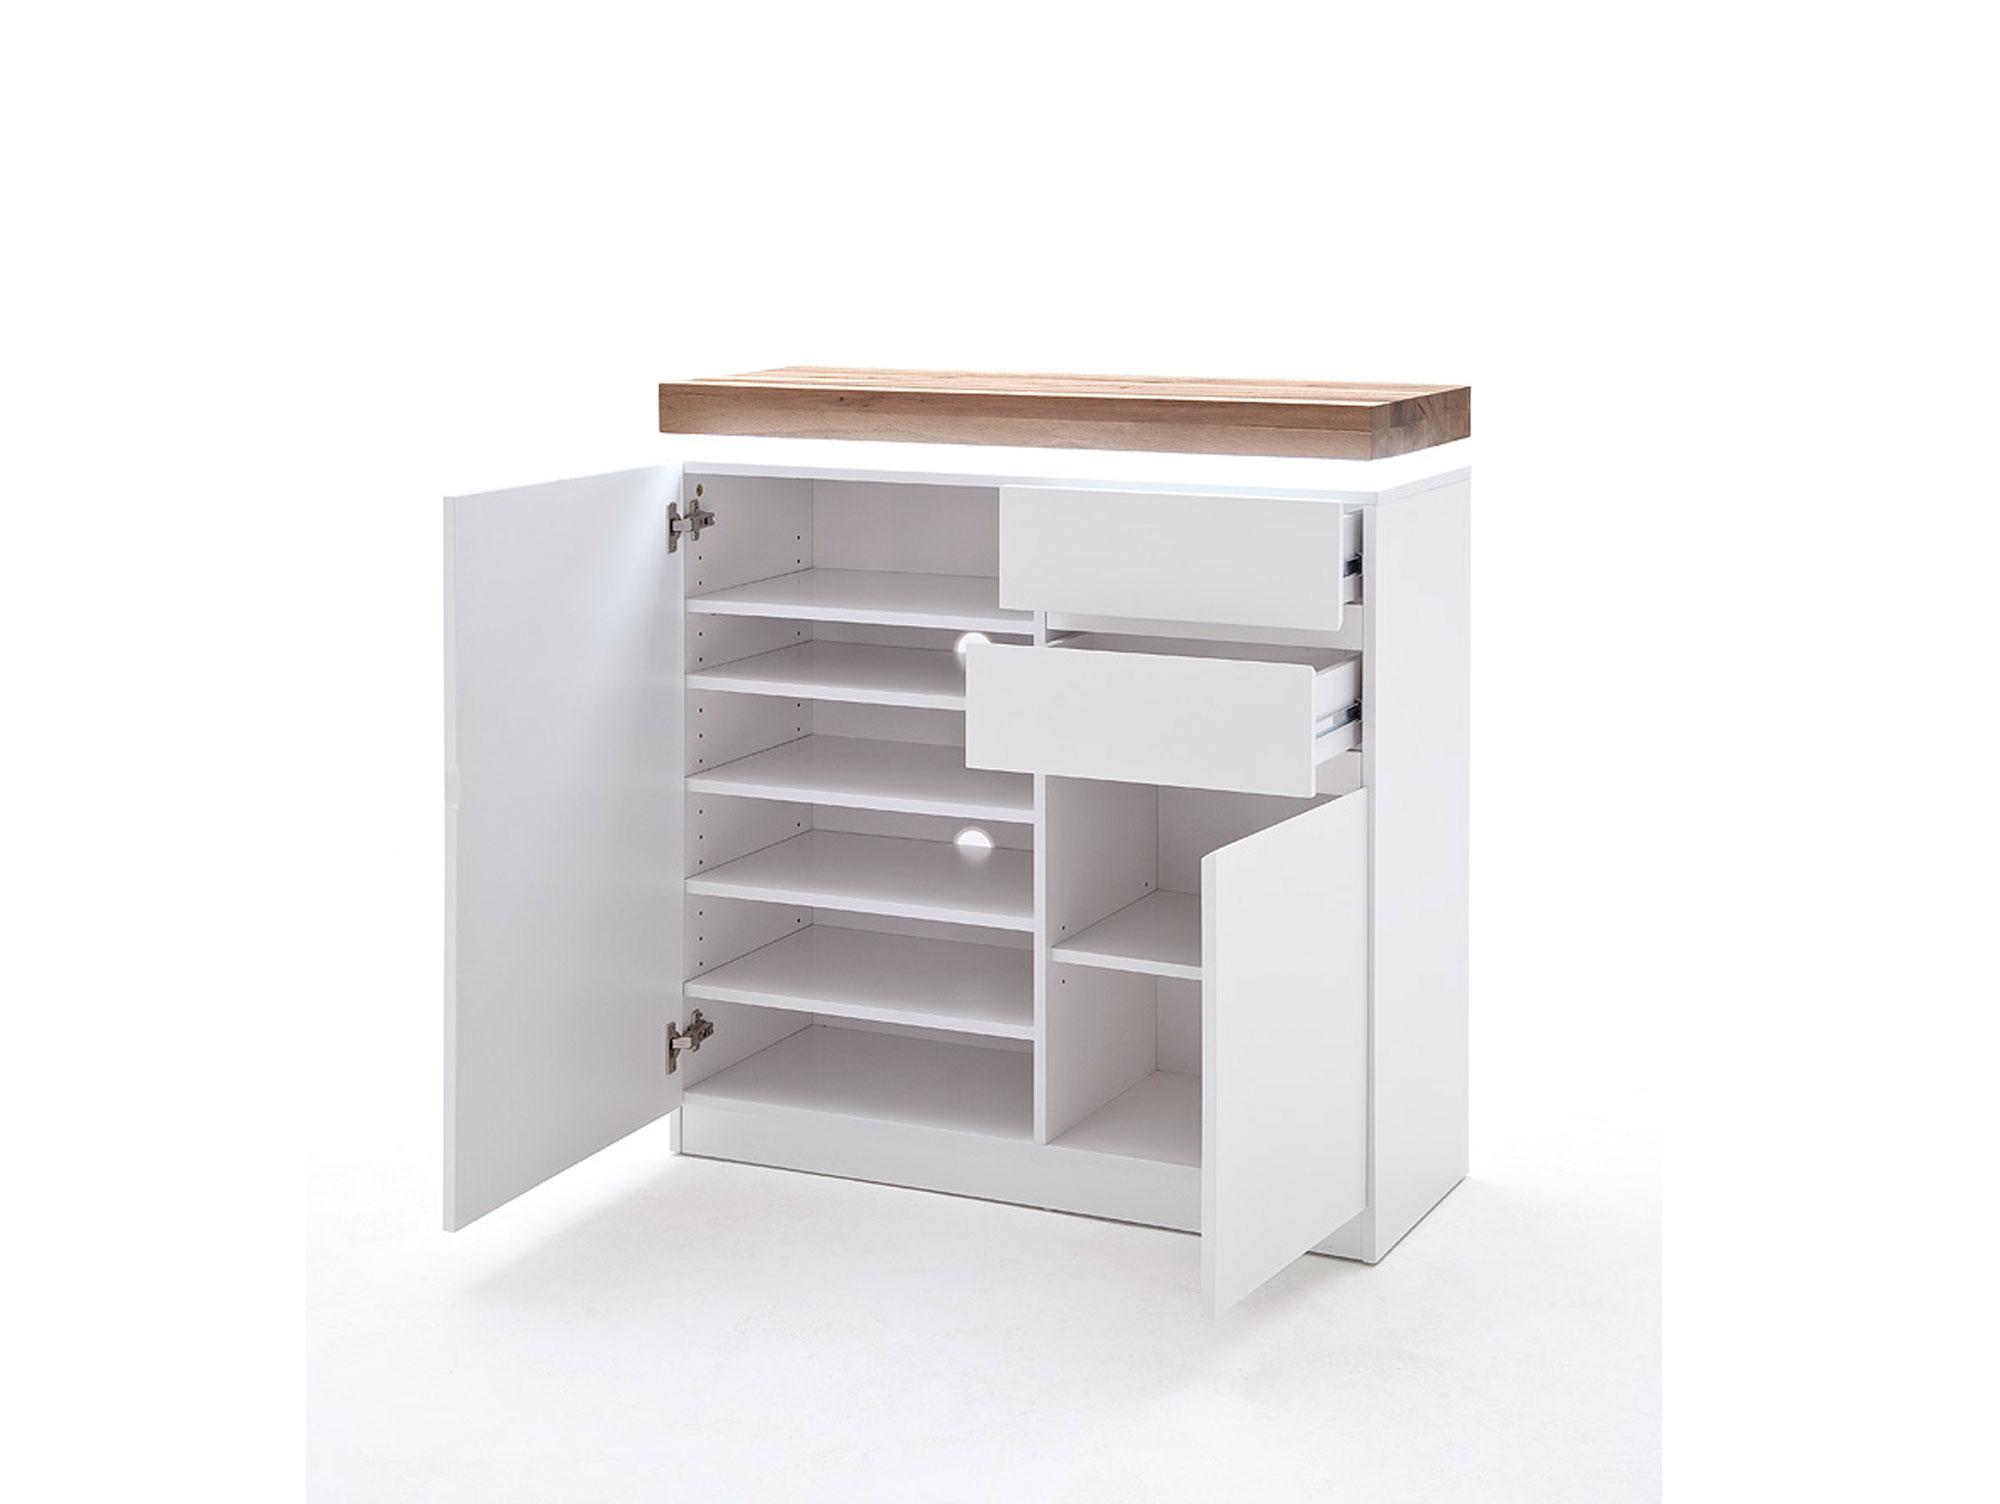 mina garderobenset wei asteiche. Black Bedroom Furniture Sets. Home Design Ideas